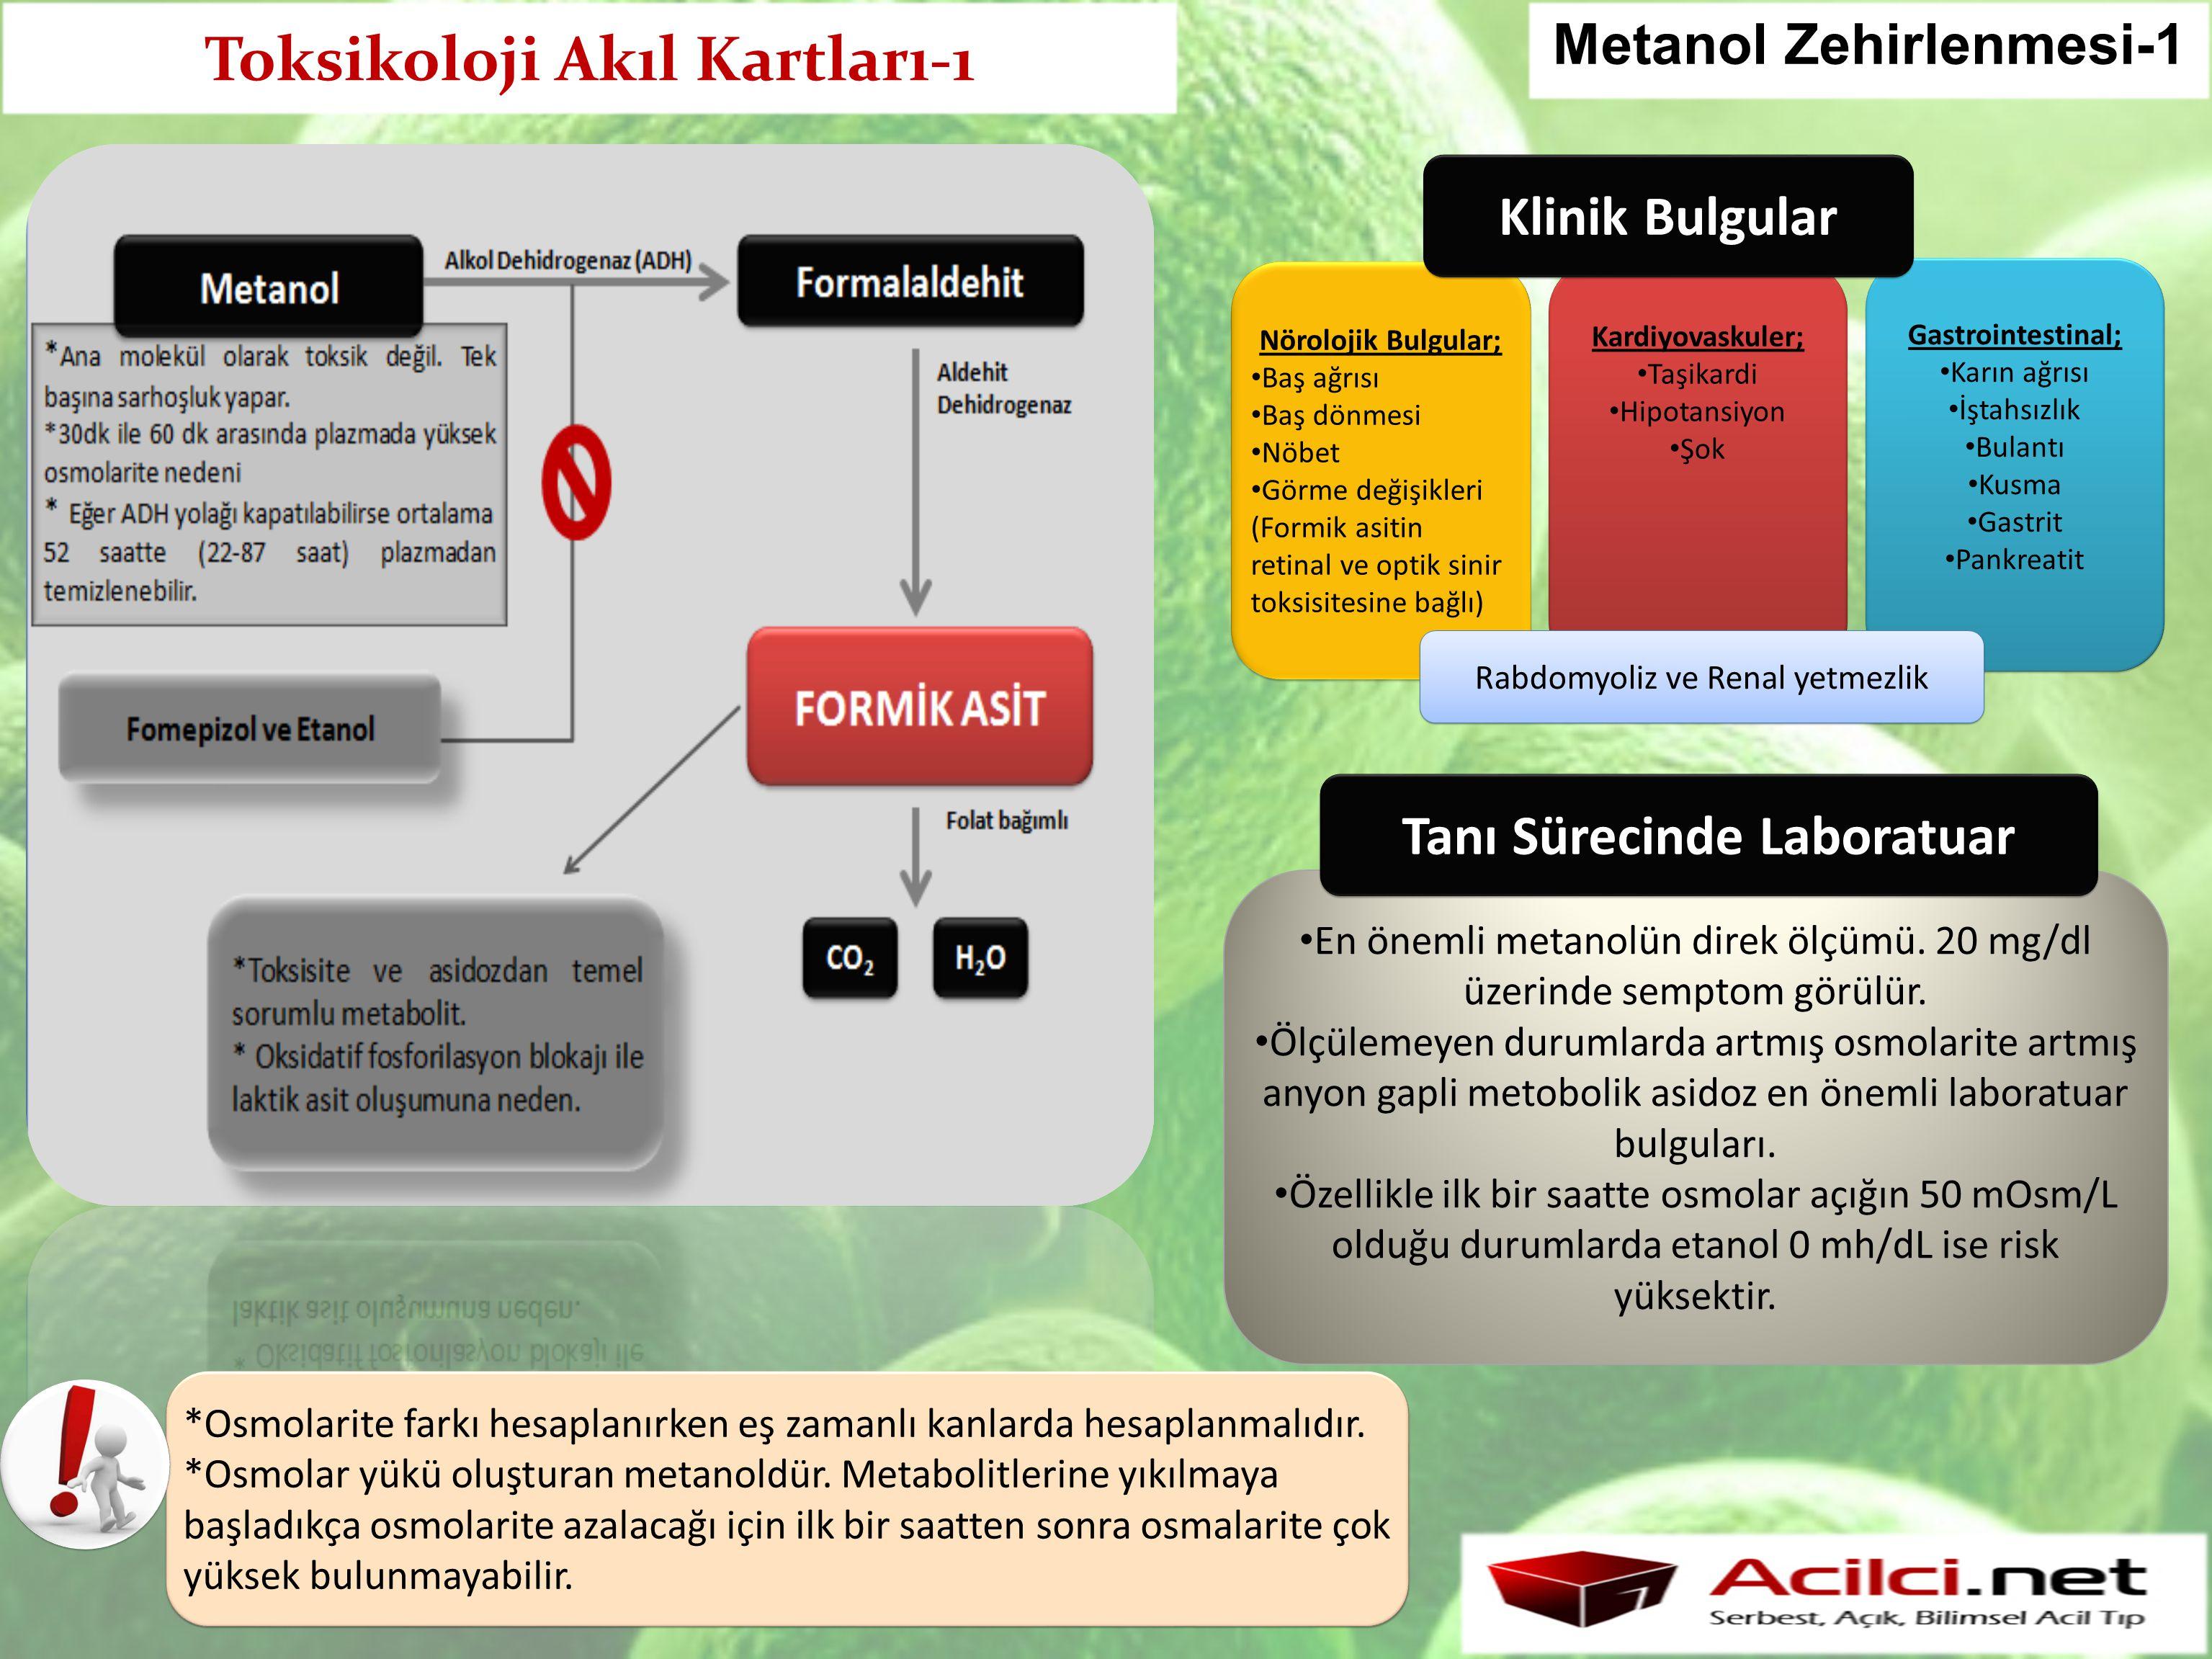 Toksikoloji Akıl Kartları-1 Metanol Zehirlenmesi-1 Nörolojik Bulgular; Baş ağrısı Baş dönmesi Nöbet Görme değişikleri (Formik asitin retinal ve optik